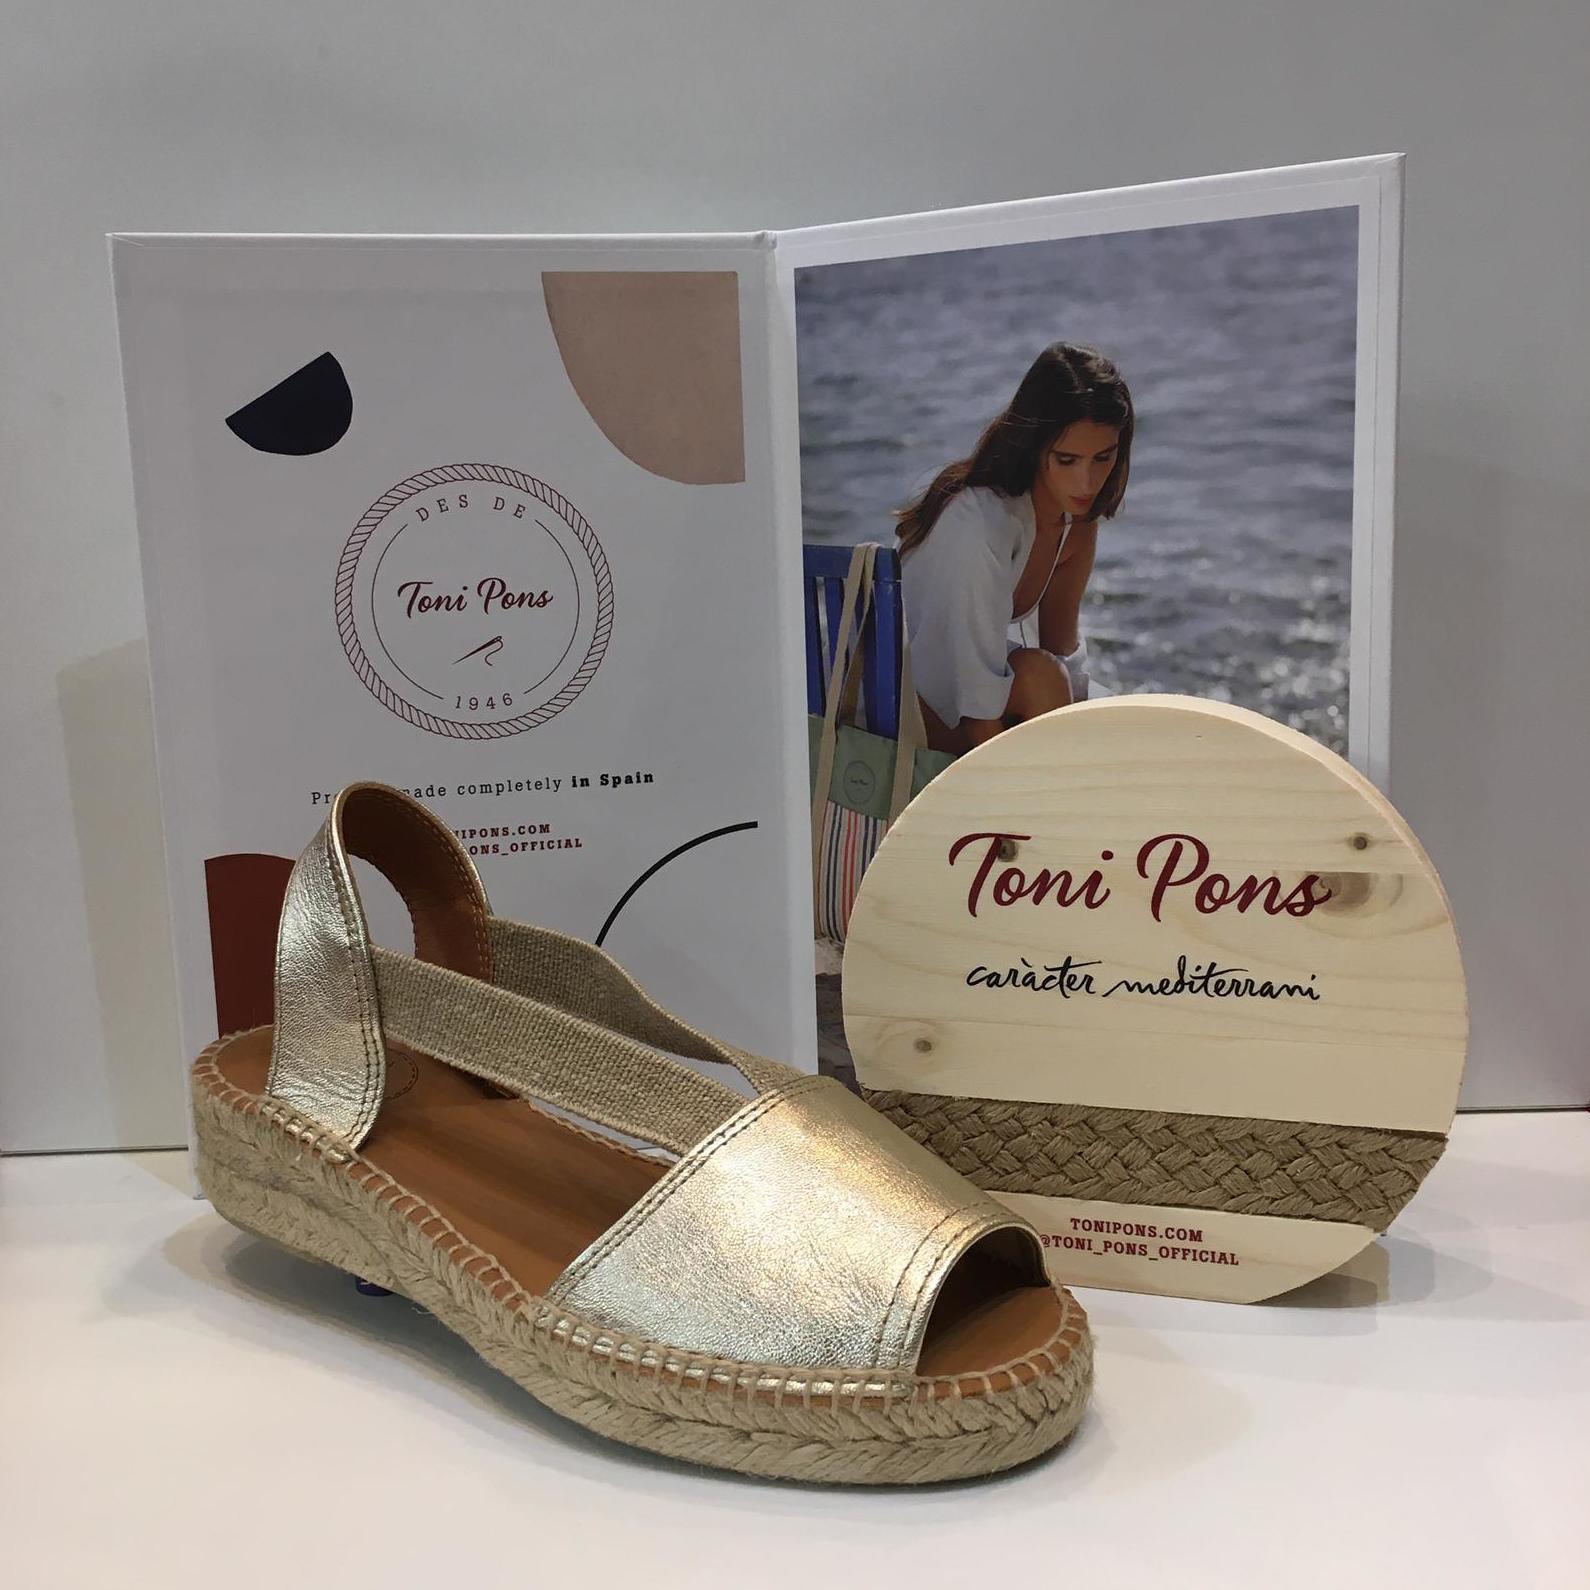 Espardenya d'espart de dona, de la marca Toni Pons, de pell platí, amb plantilla encoixinada i folrada de pell, amb gomes elàstiques ultrasensibles 59.95€